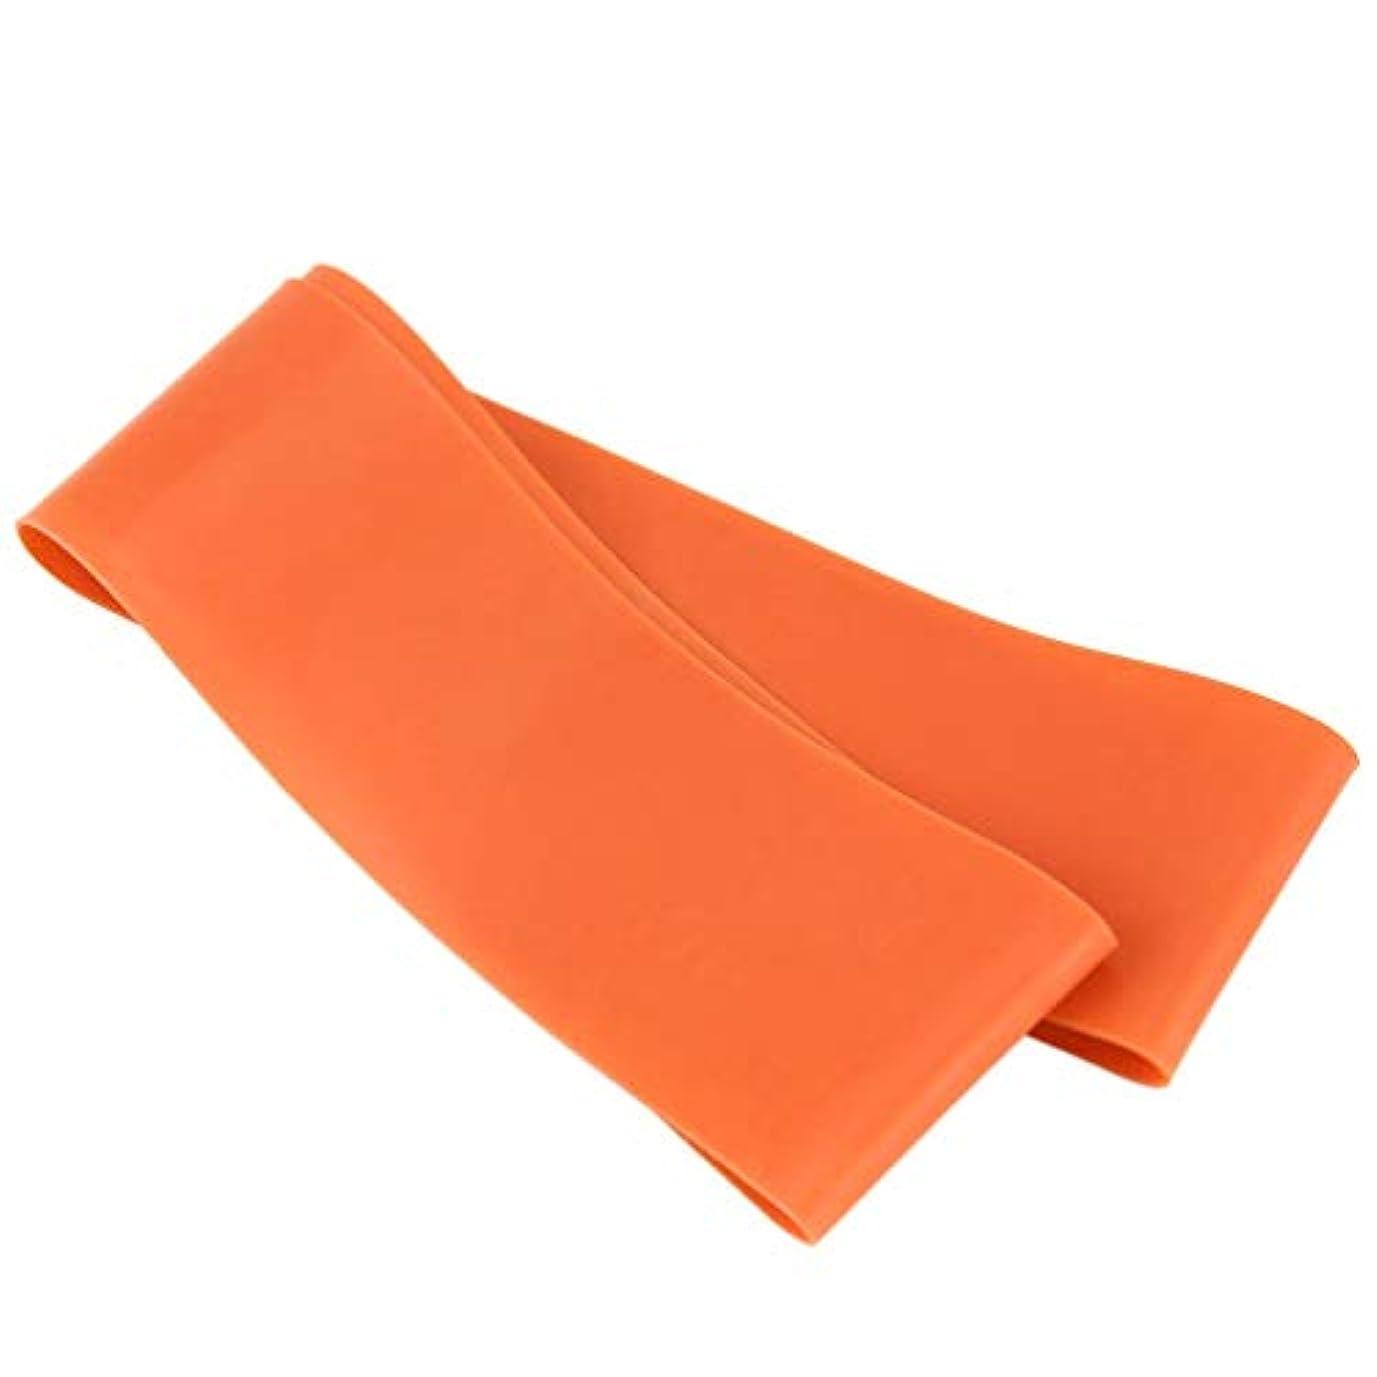 肖像画提案する維持滑り止めの伸縮性のあるゴム製伸縮性がある伸縮性があるヨガベルトバンド引きロープの張力抵抗バンドループ強度のためのフィットネスヨガツール - オレンジ